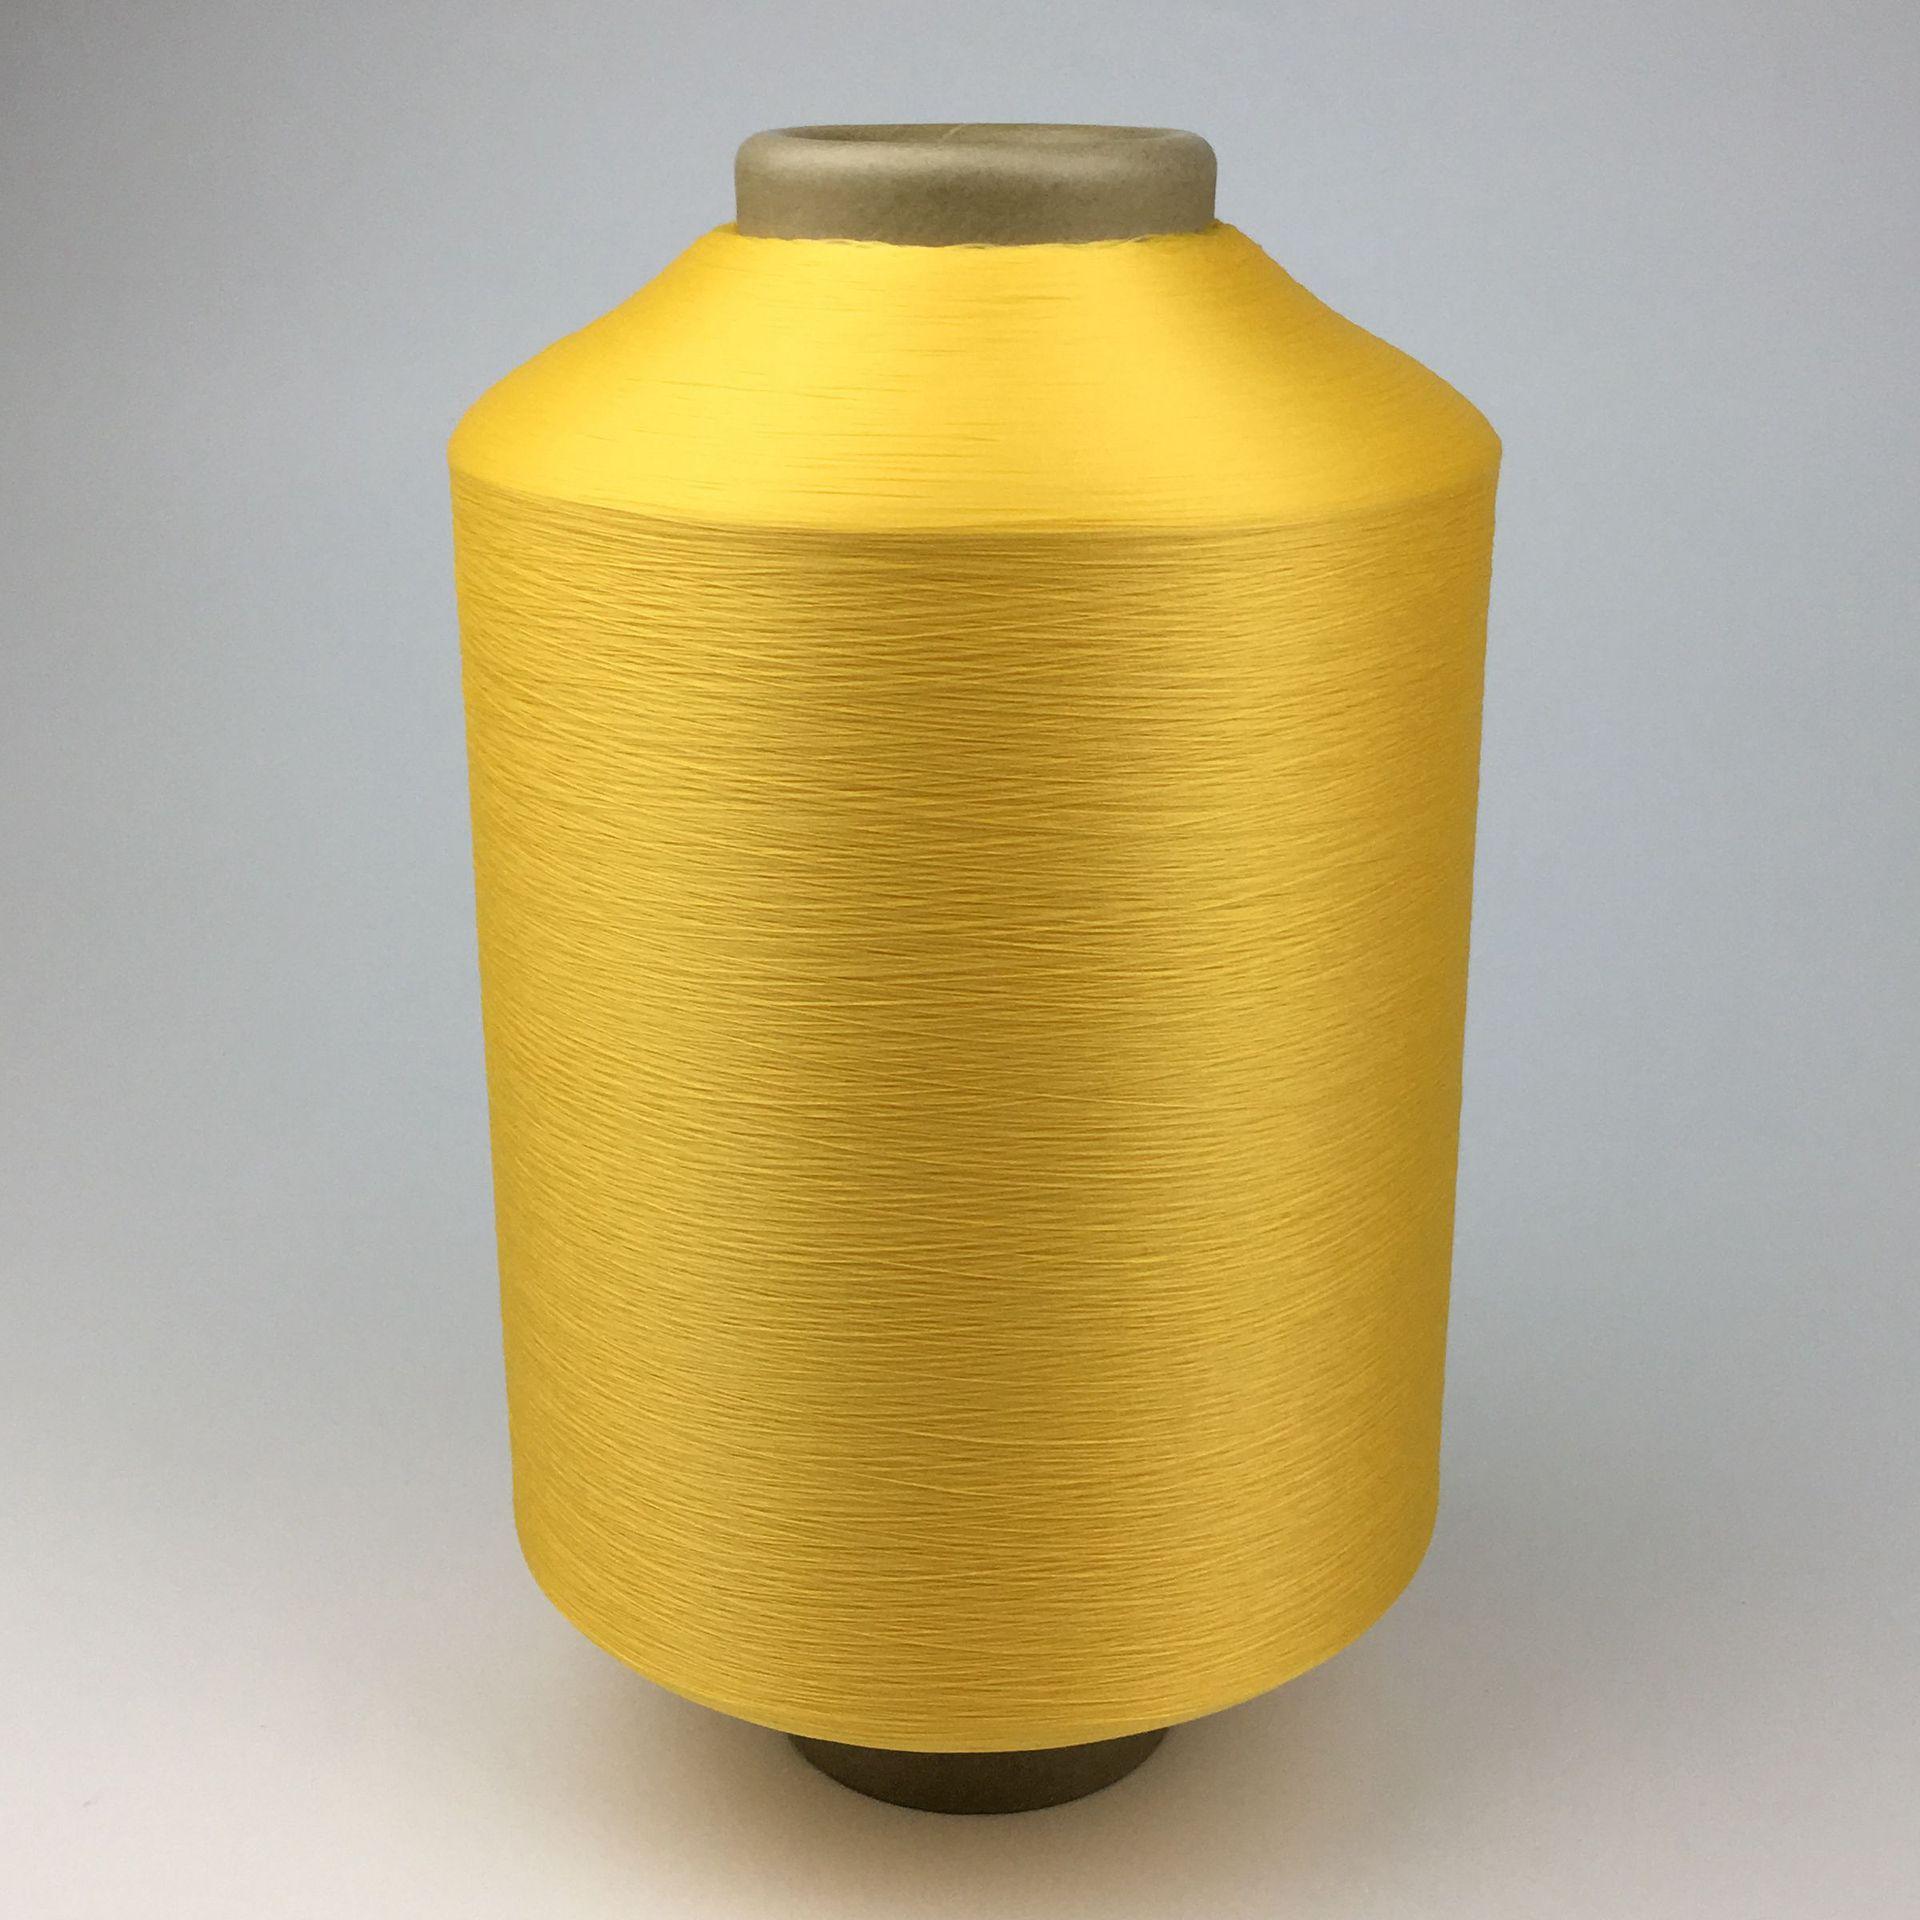 CQ TEXTECH Sợi hoá học Nhà sản xuất sợi màu 75d sợi polyester đàn hồi thấp sợi 36f sợi polyester màu